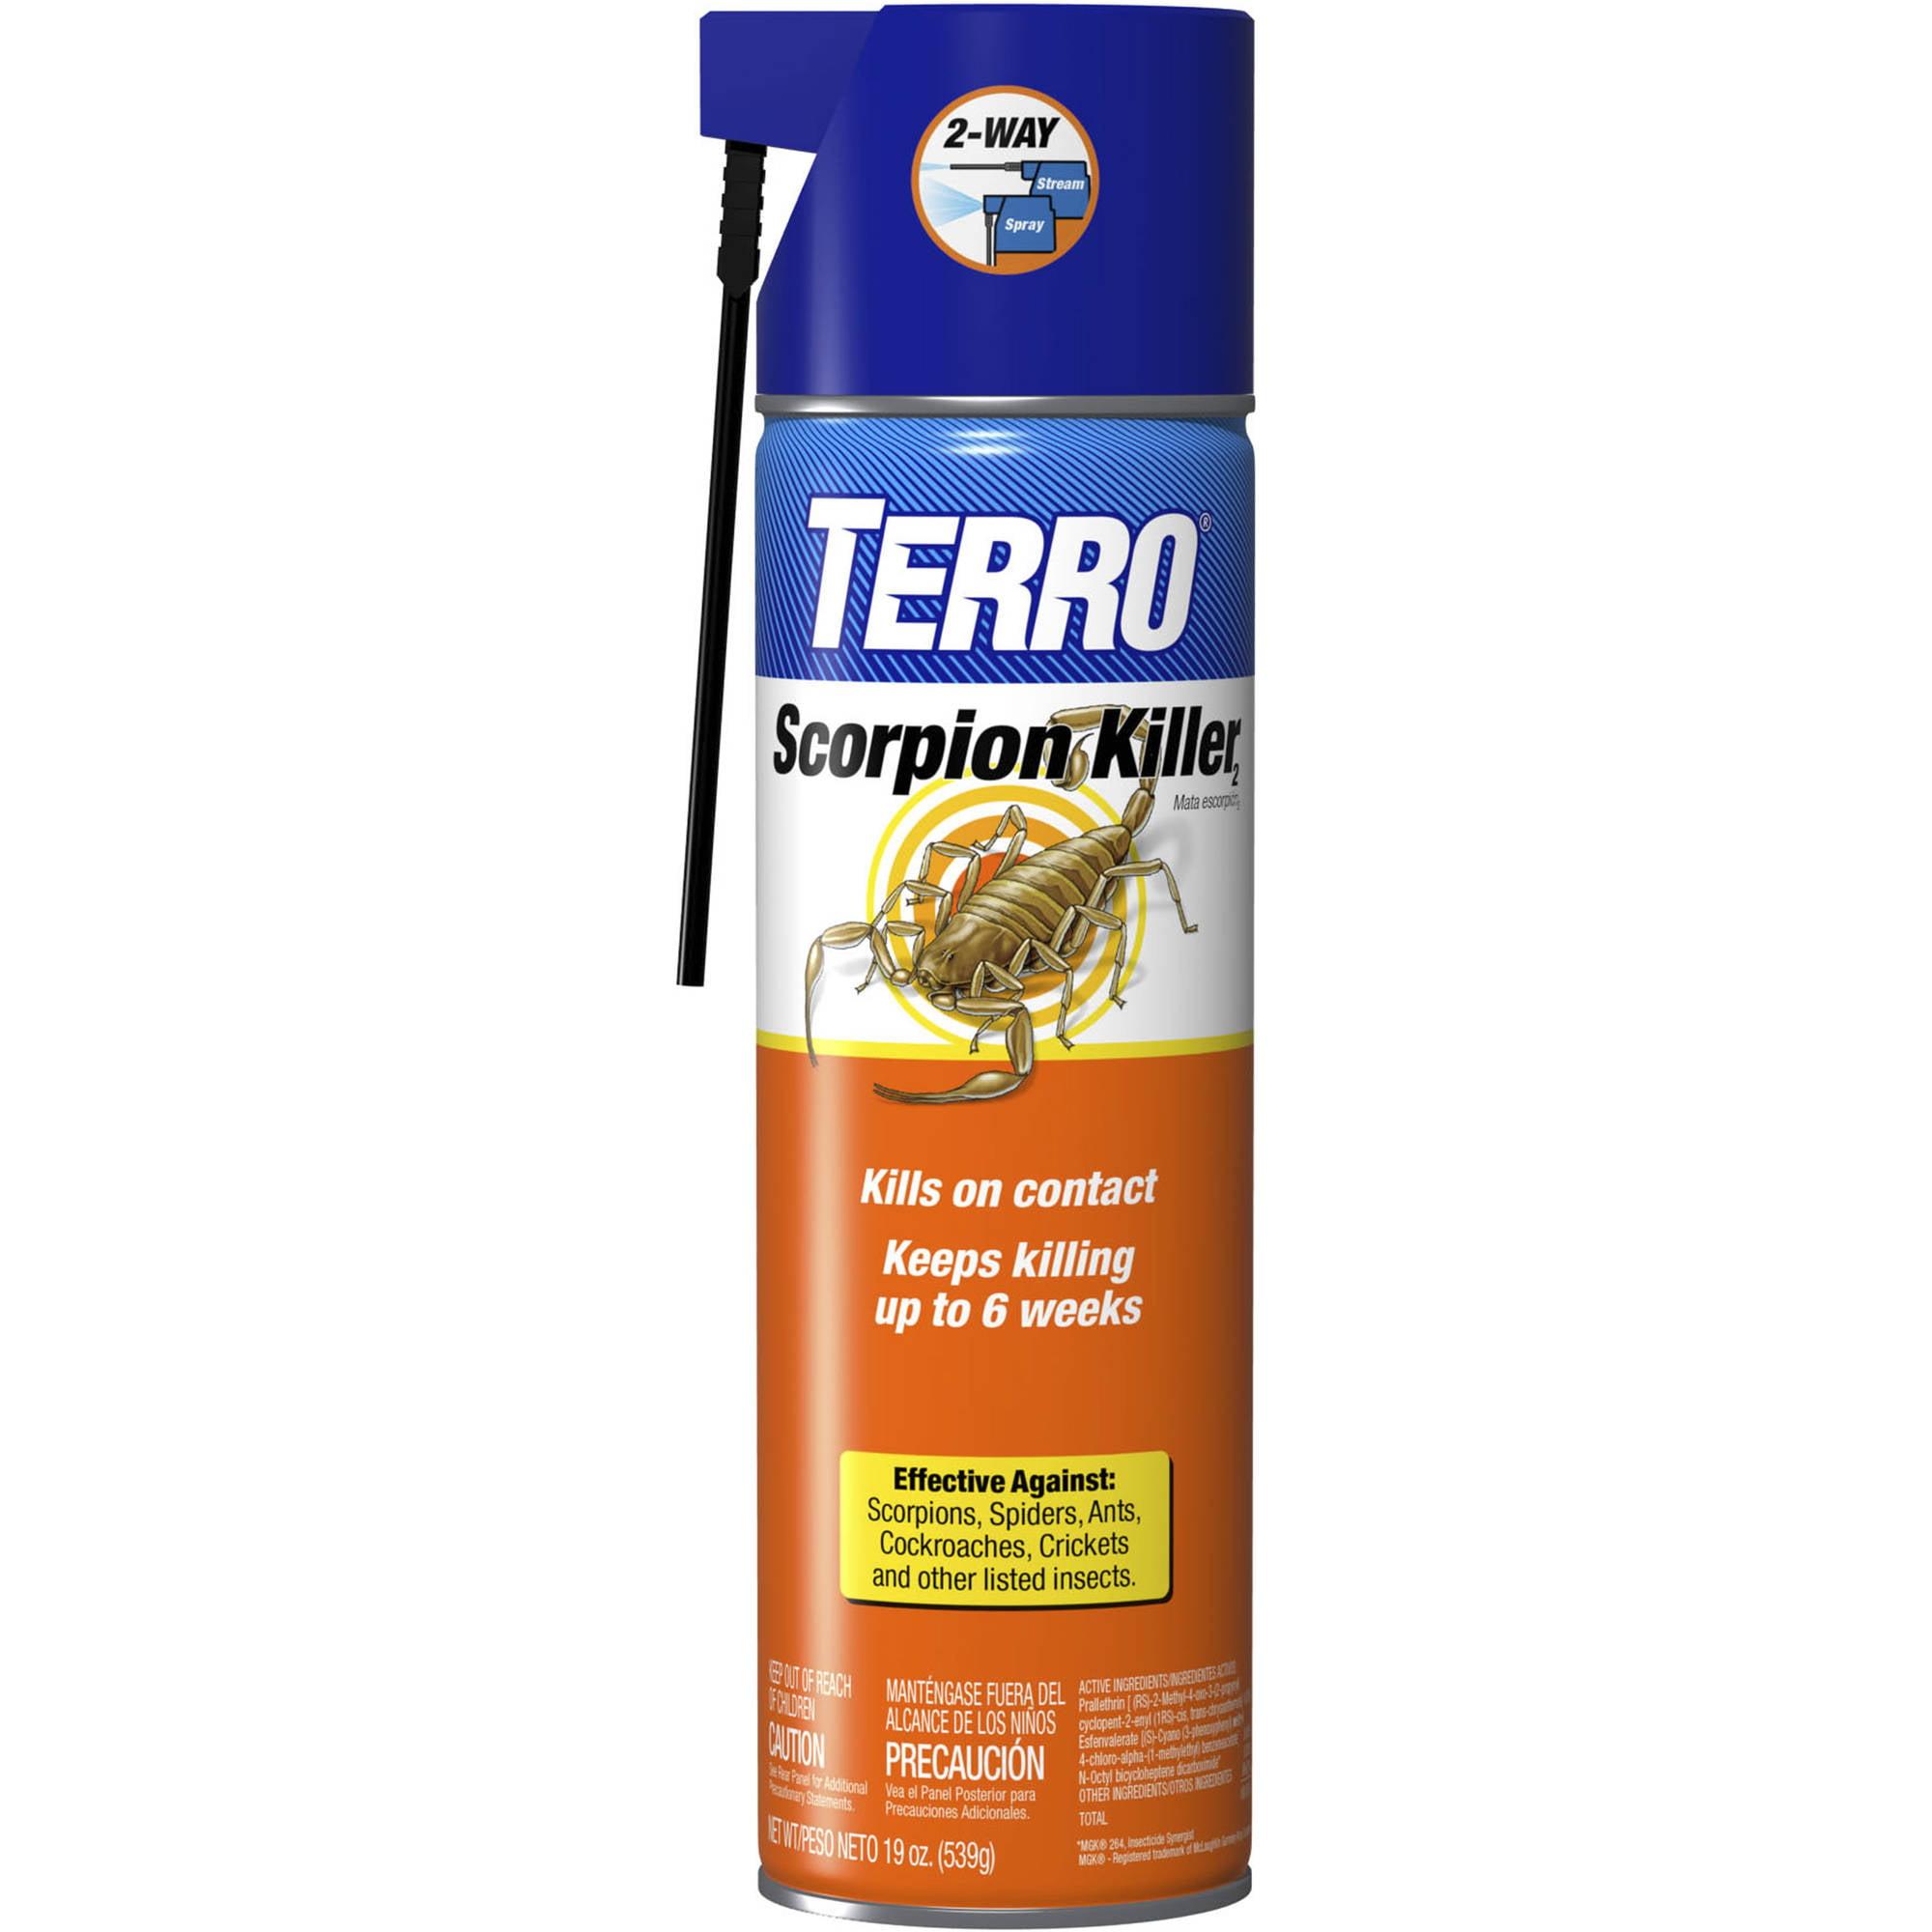 Terro Scorpion Killer, 19 oz